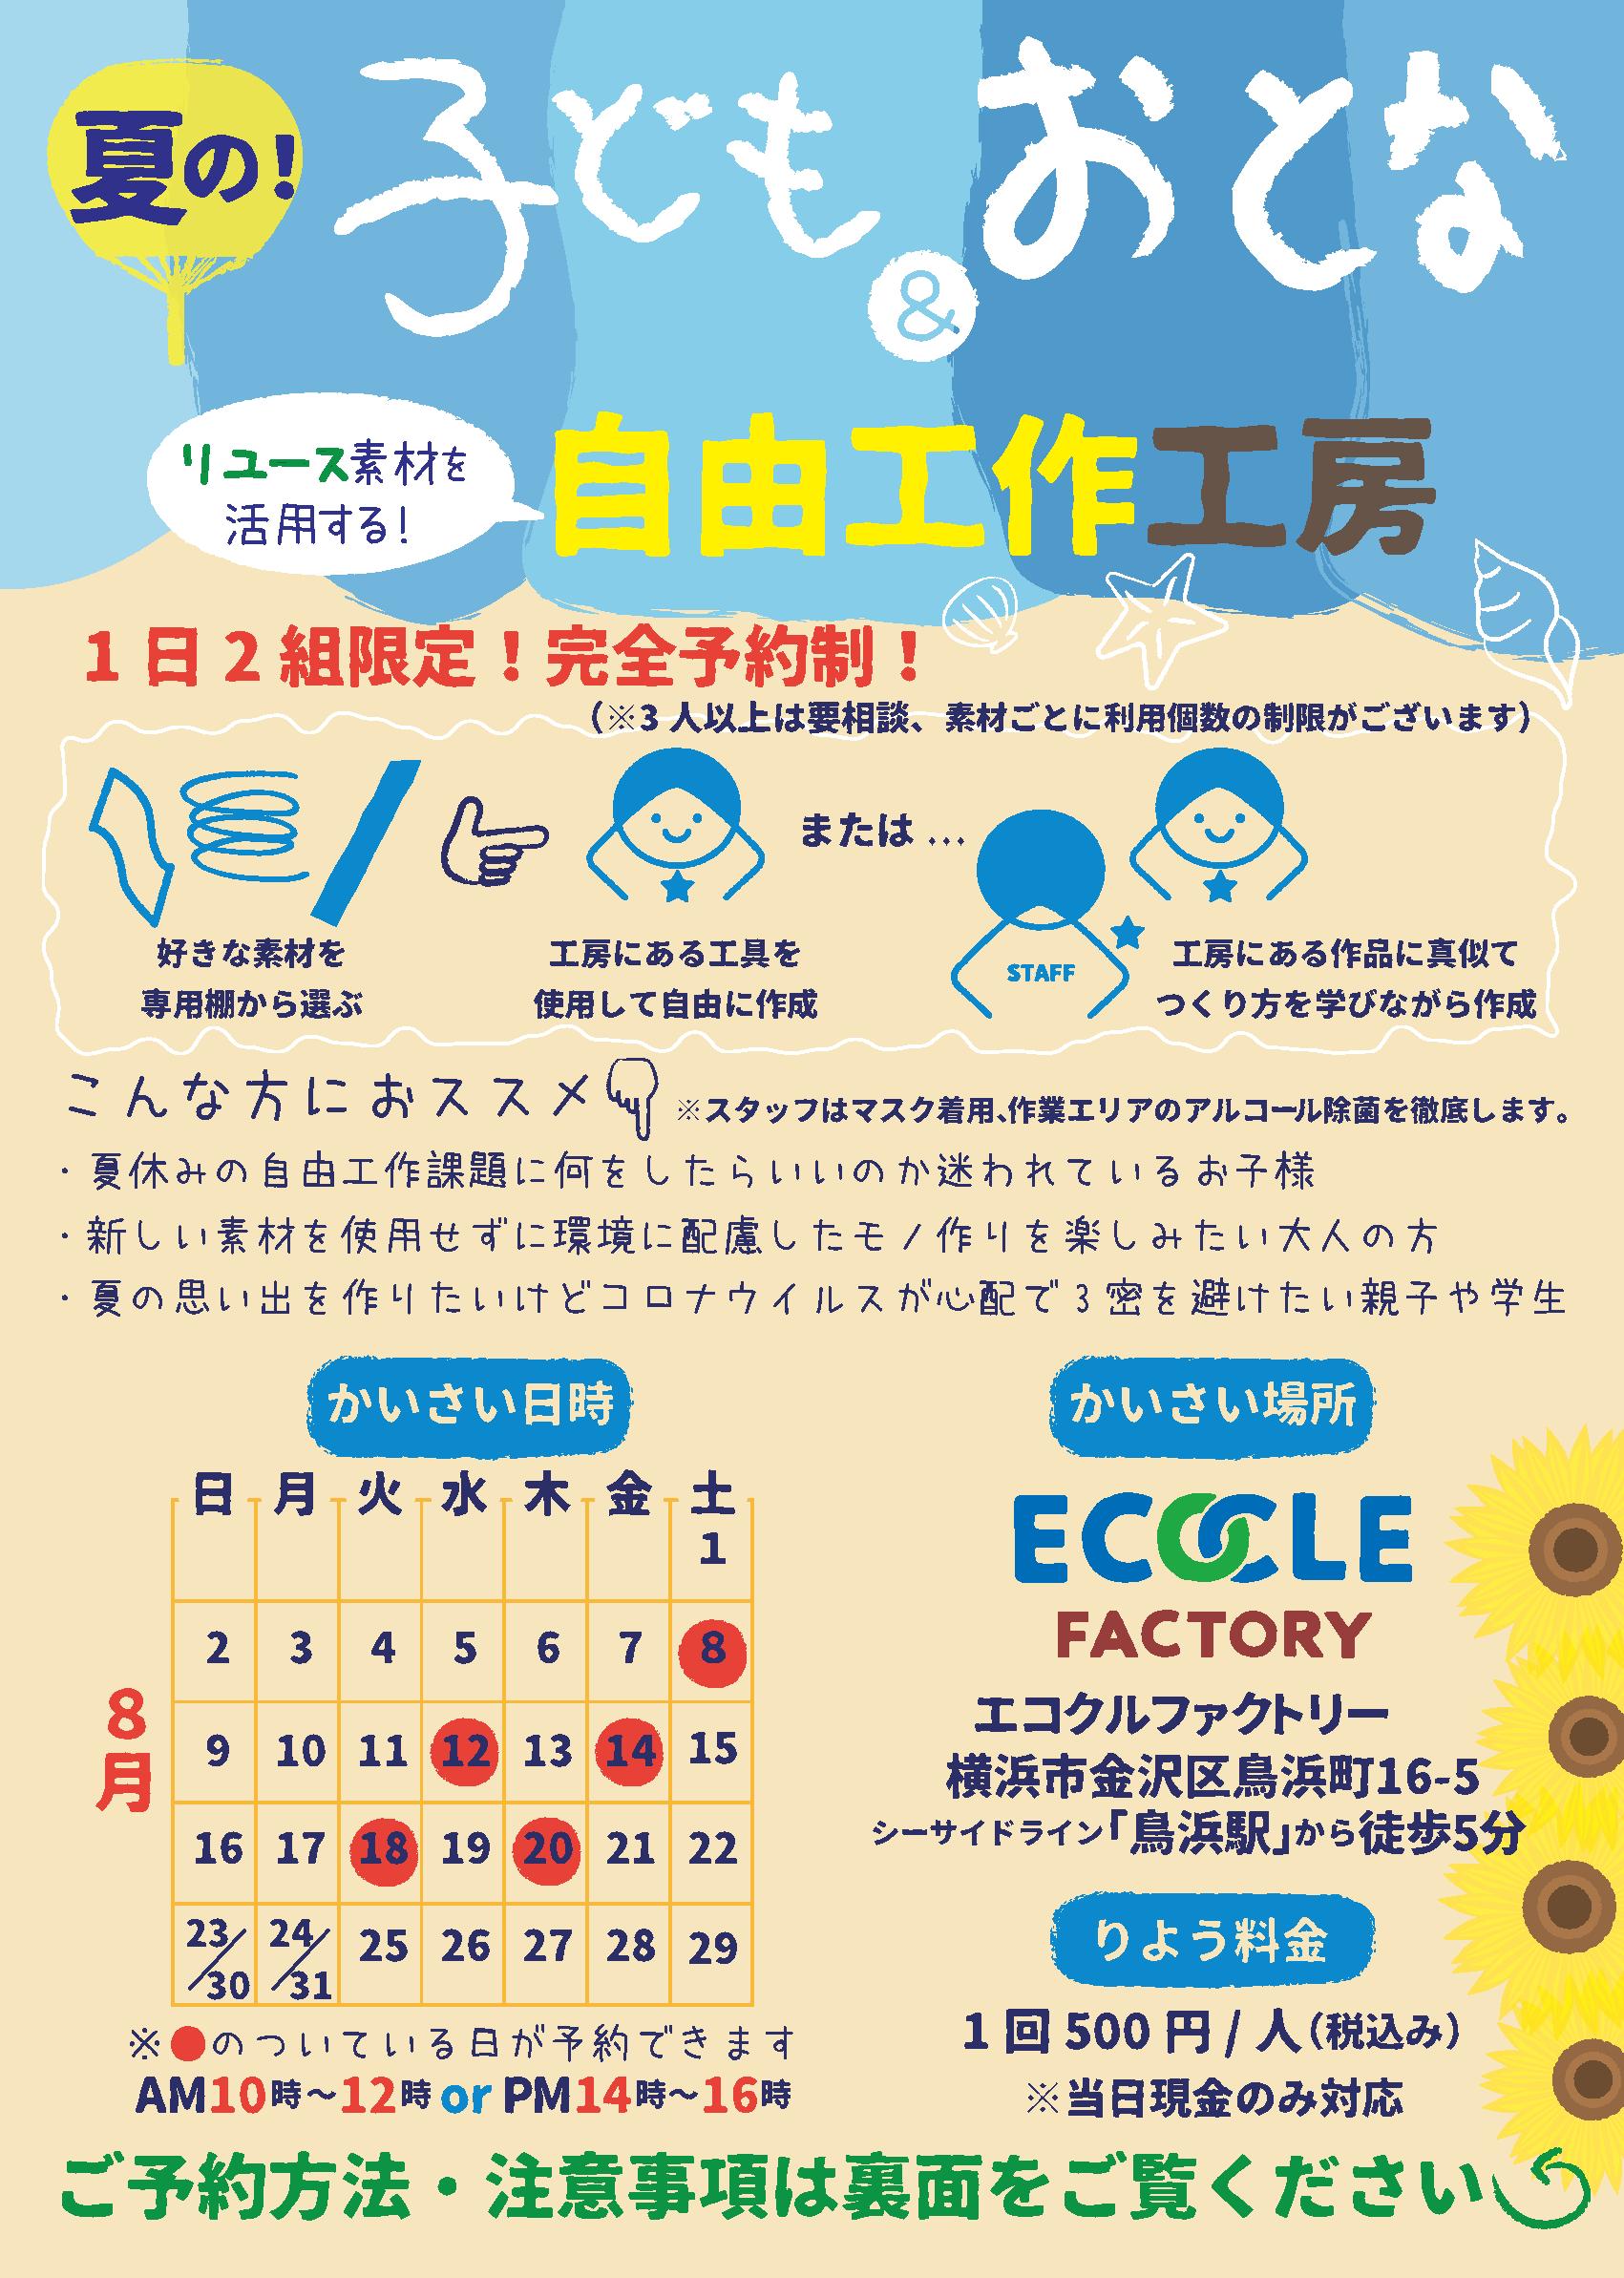 ワークショップ詳細1